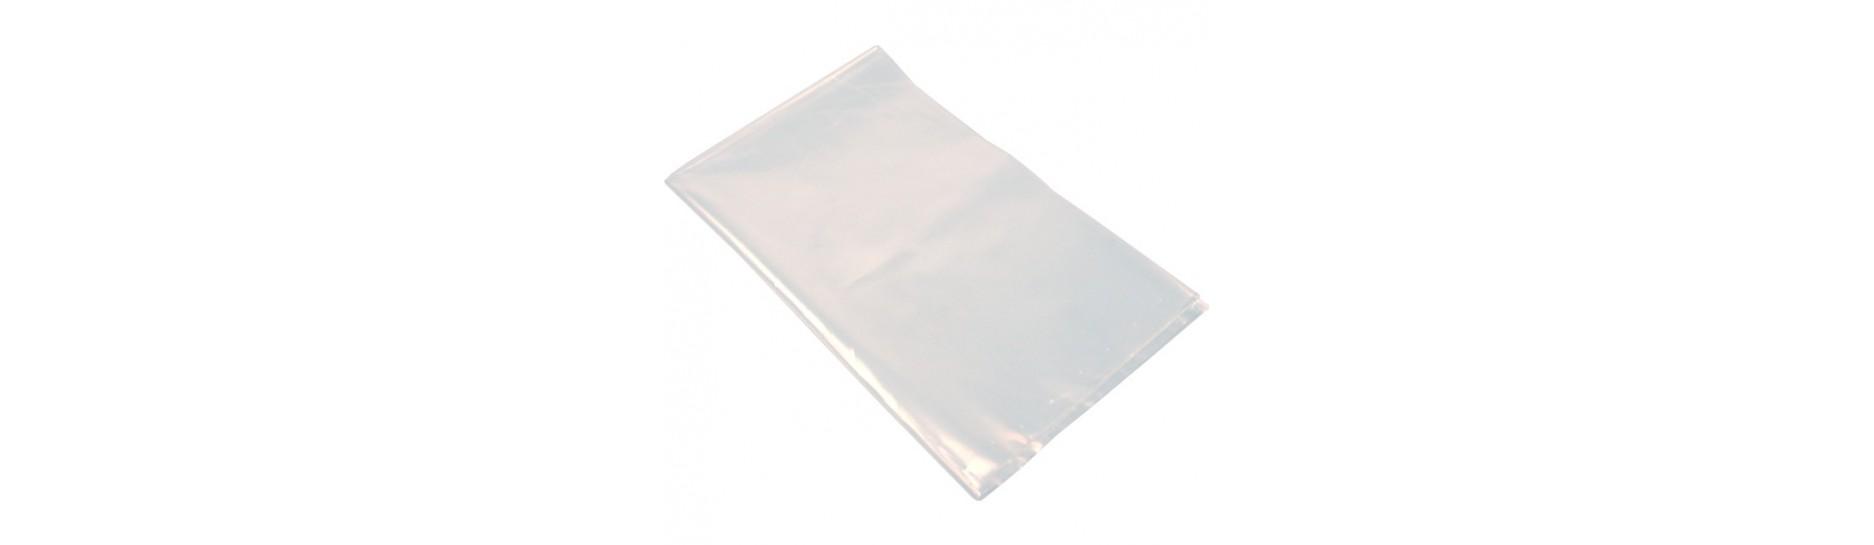 LDPE sáčky transparentní